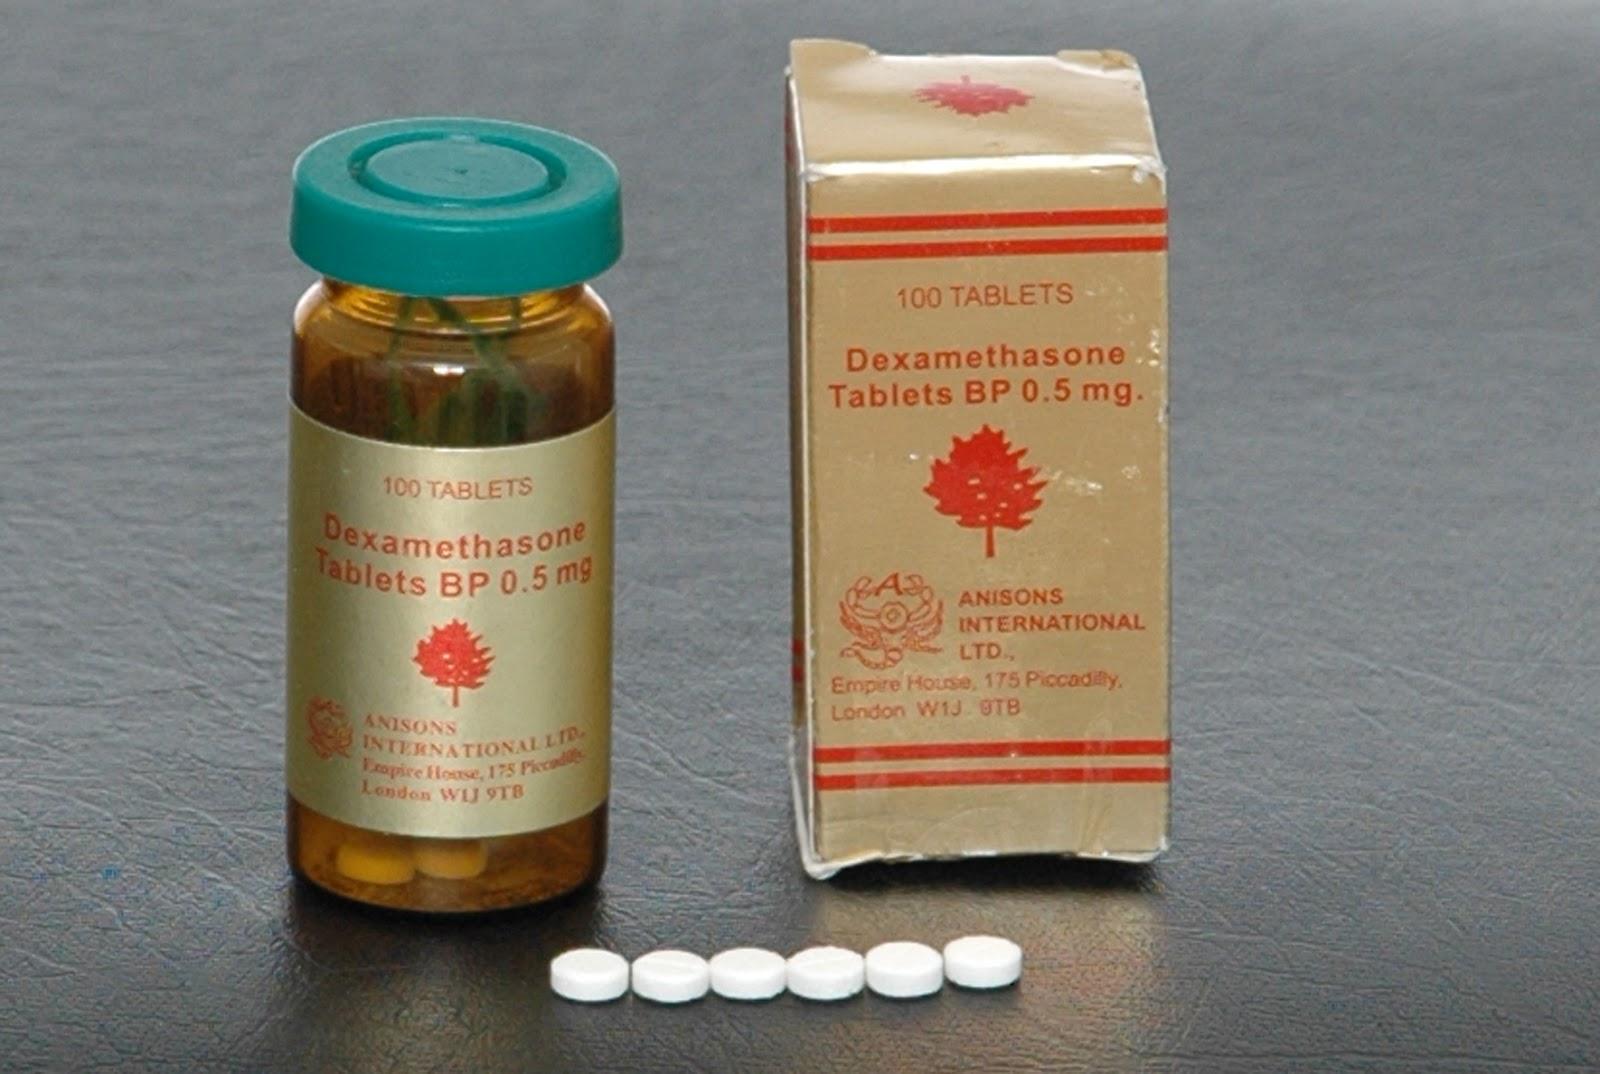 شوف الواقع شوف: مخاطر حبوب دردك للعلاج النحافة بشهادات حية